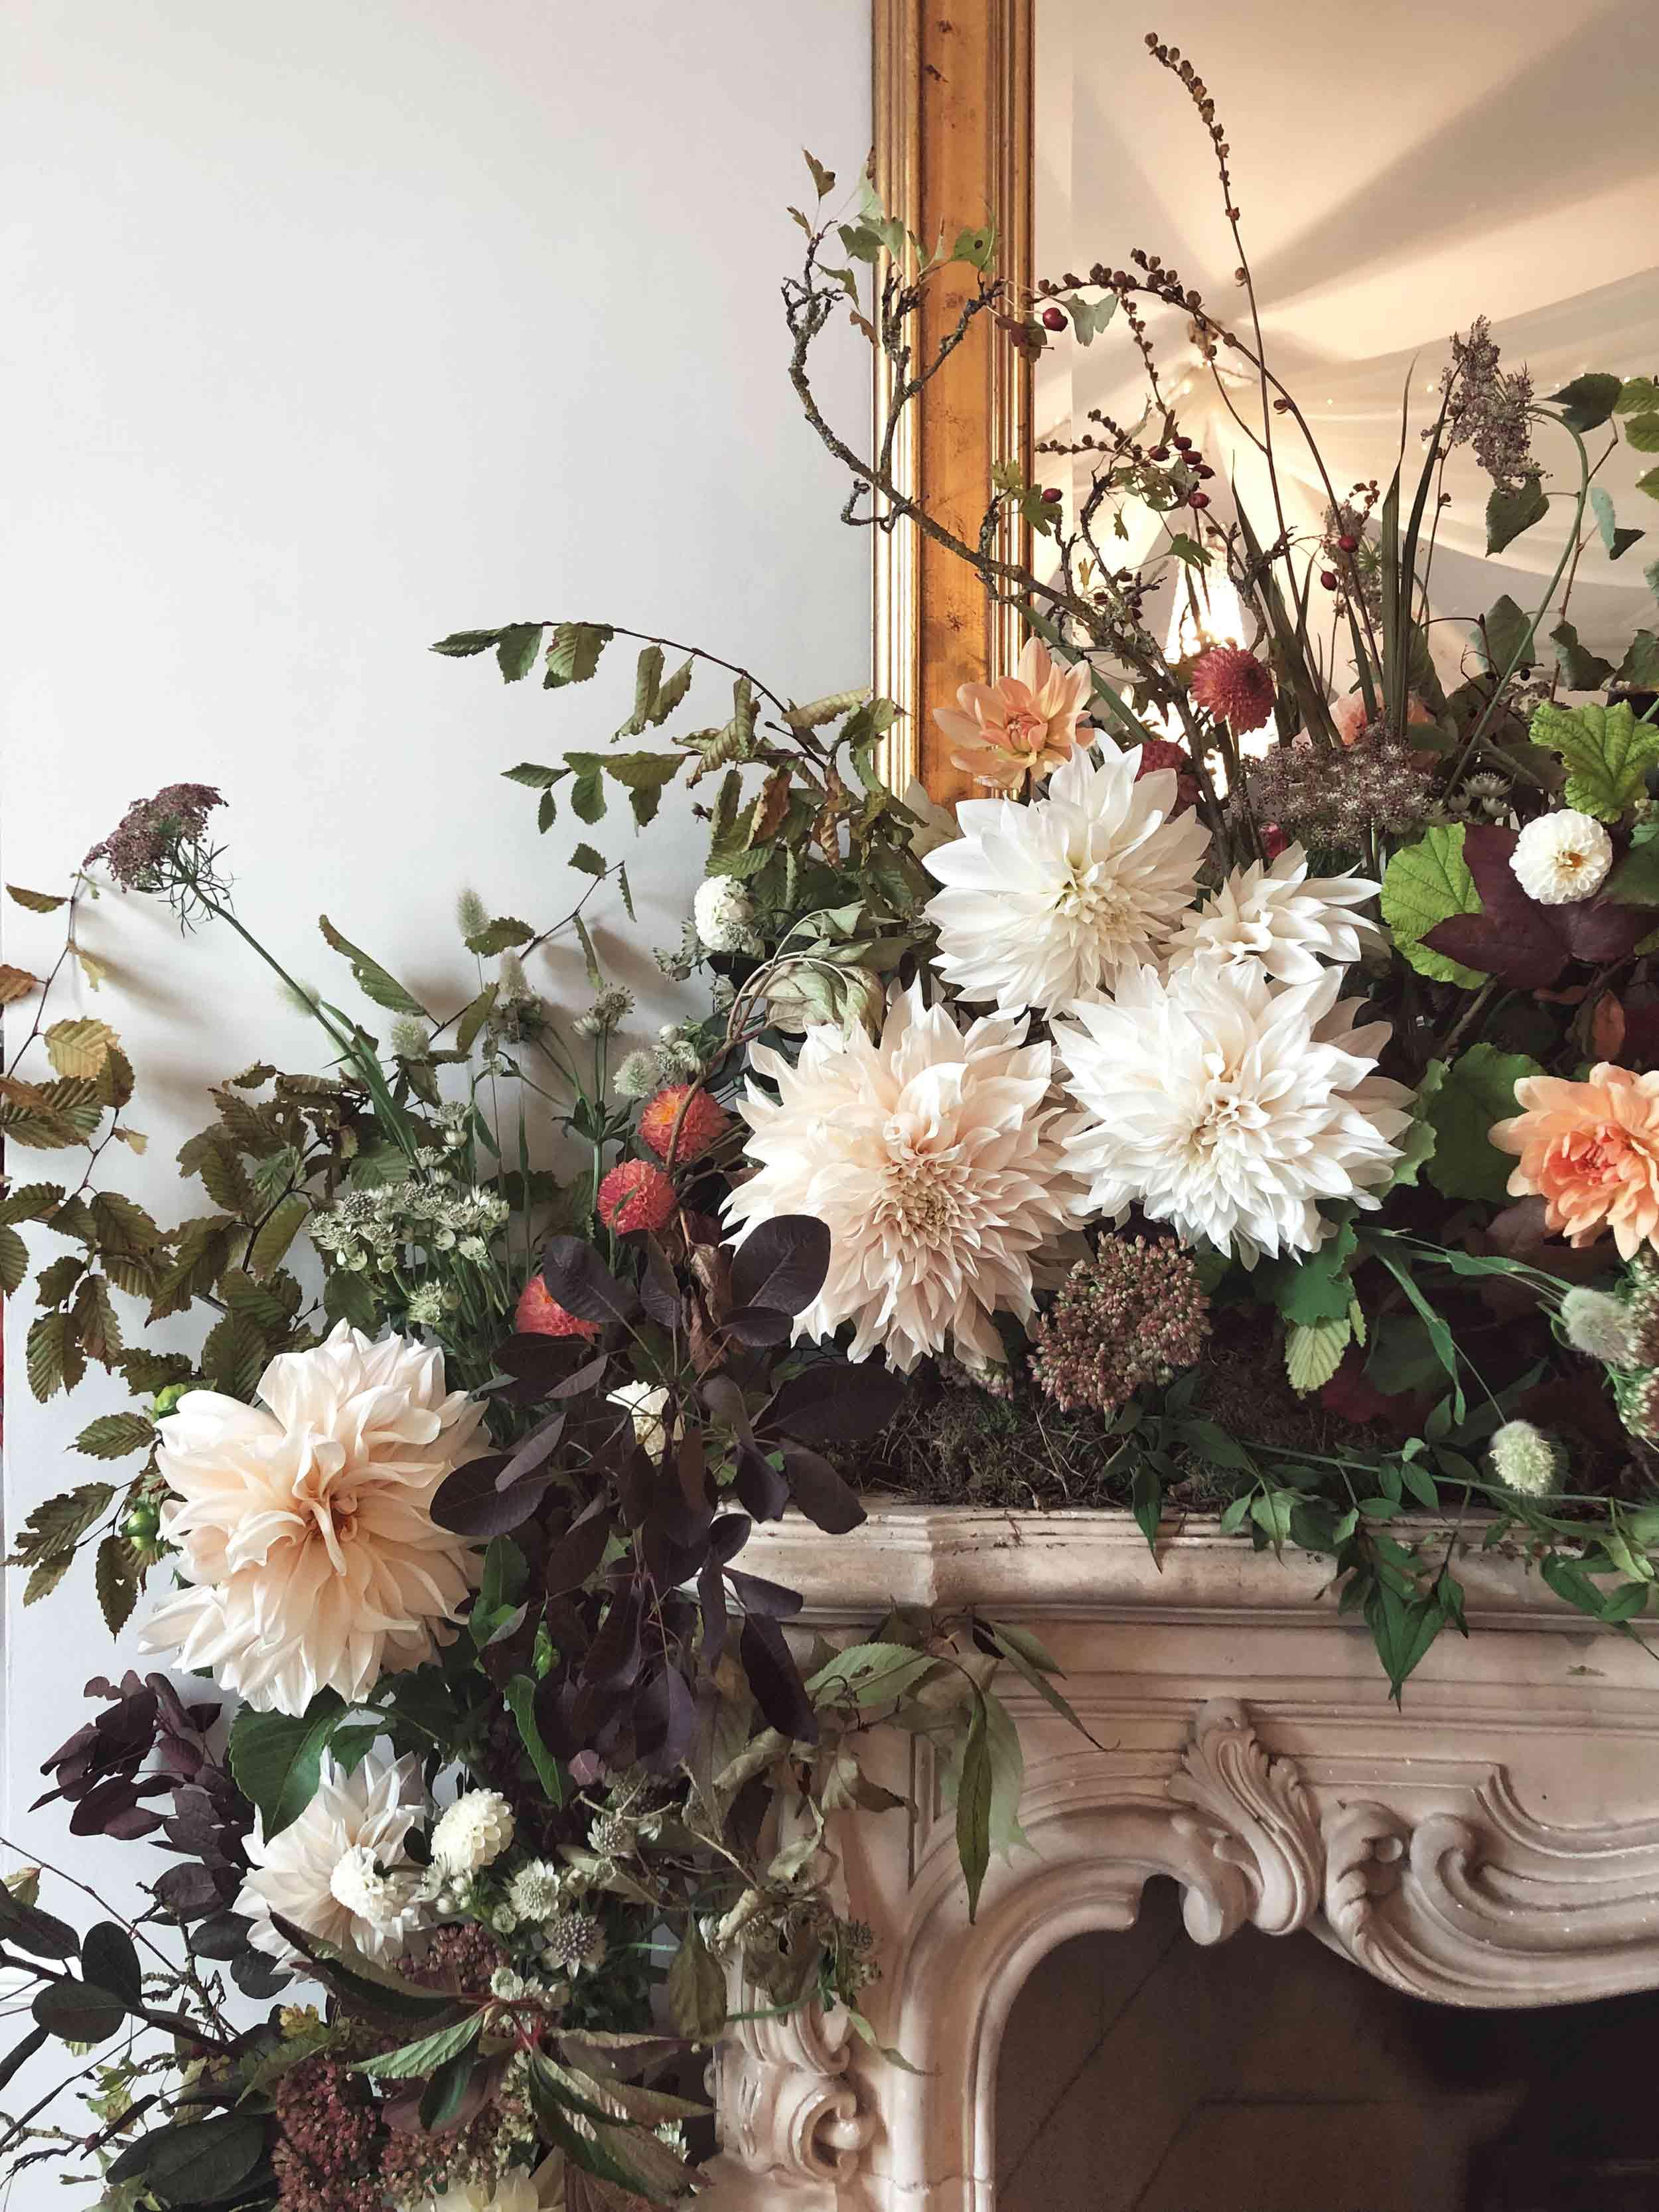 lunaria_wedding_flowers_somerset_UK_05.jpg